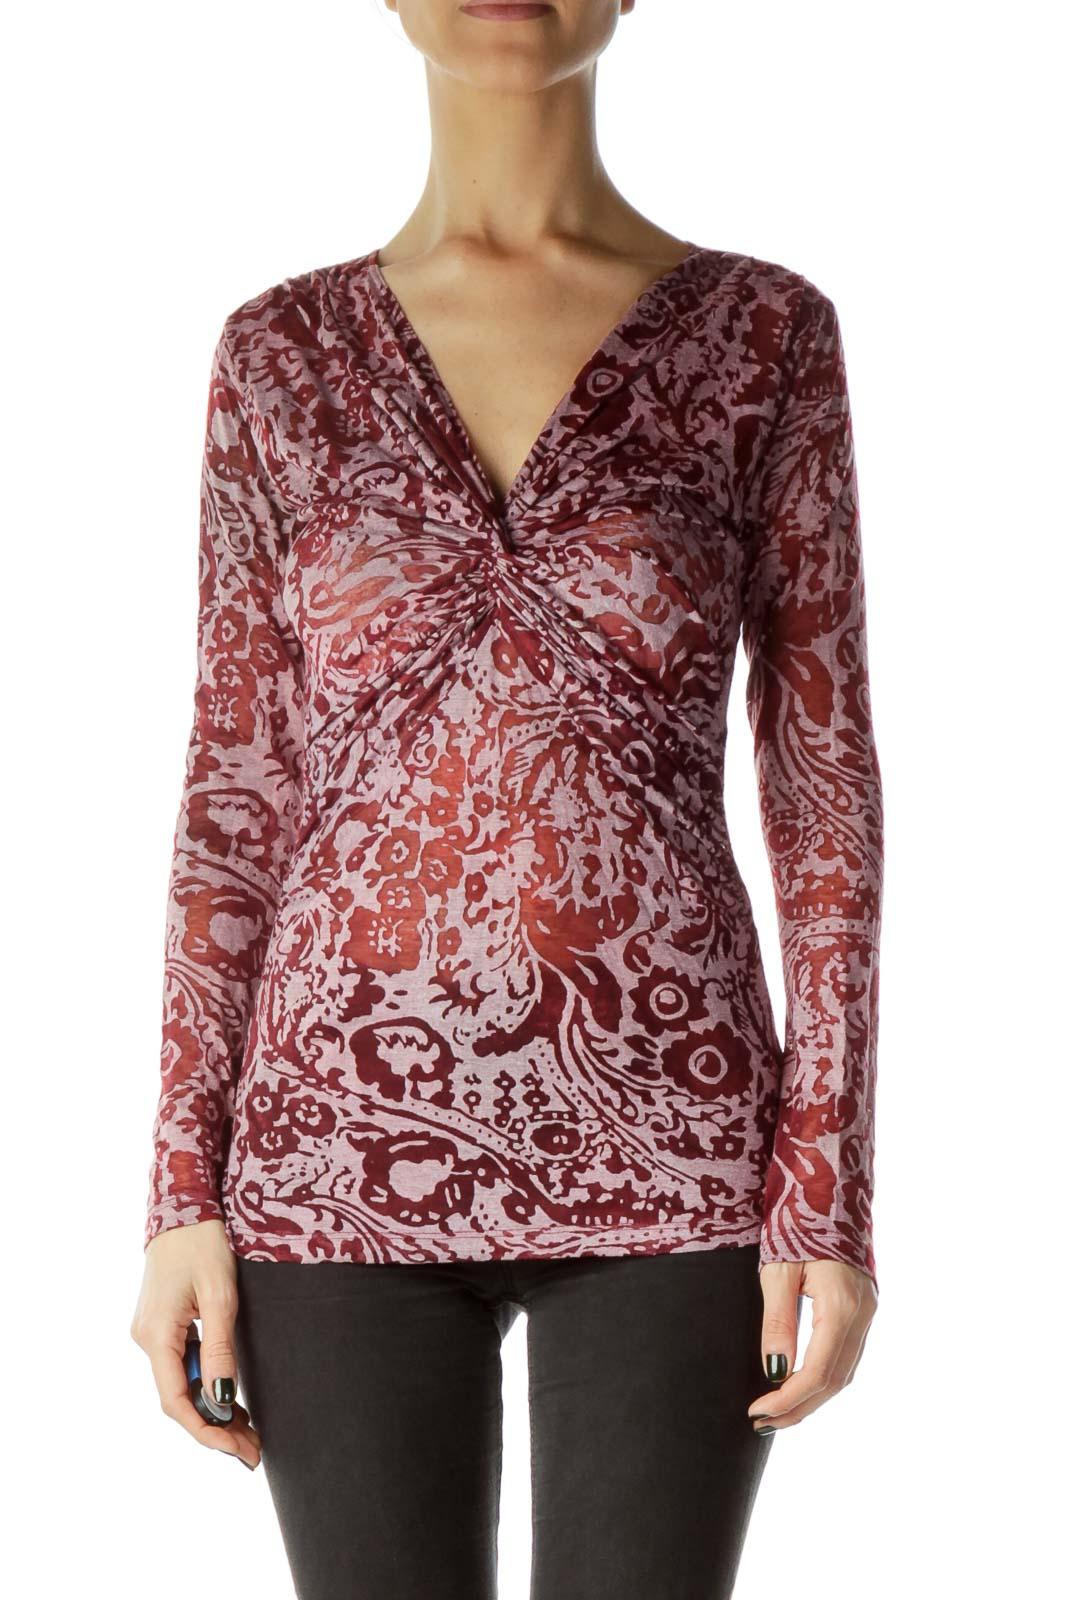 Red Sheer Printed Long Sleeve top